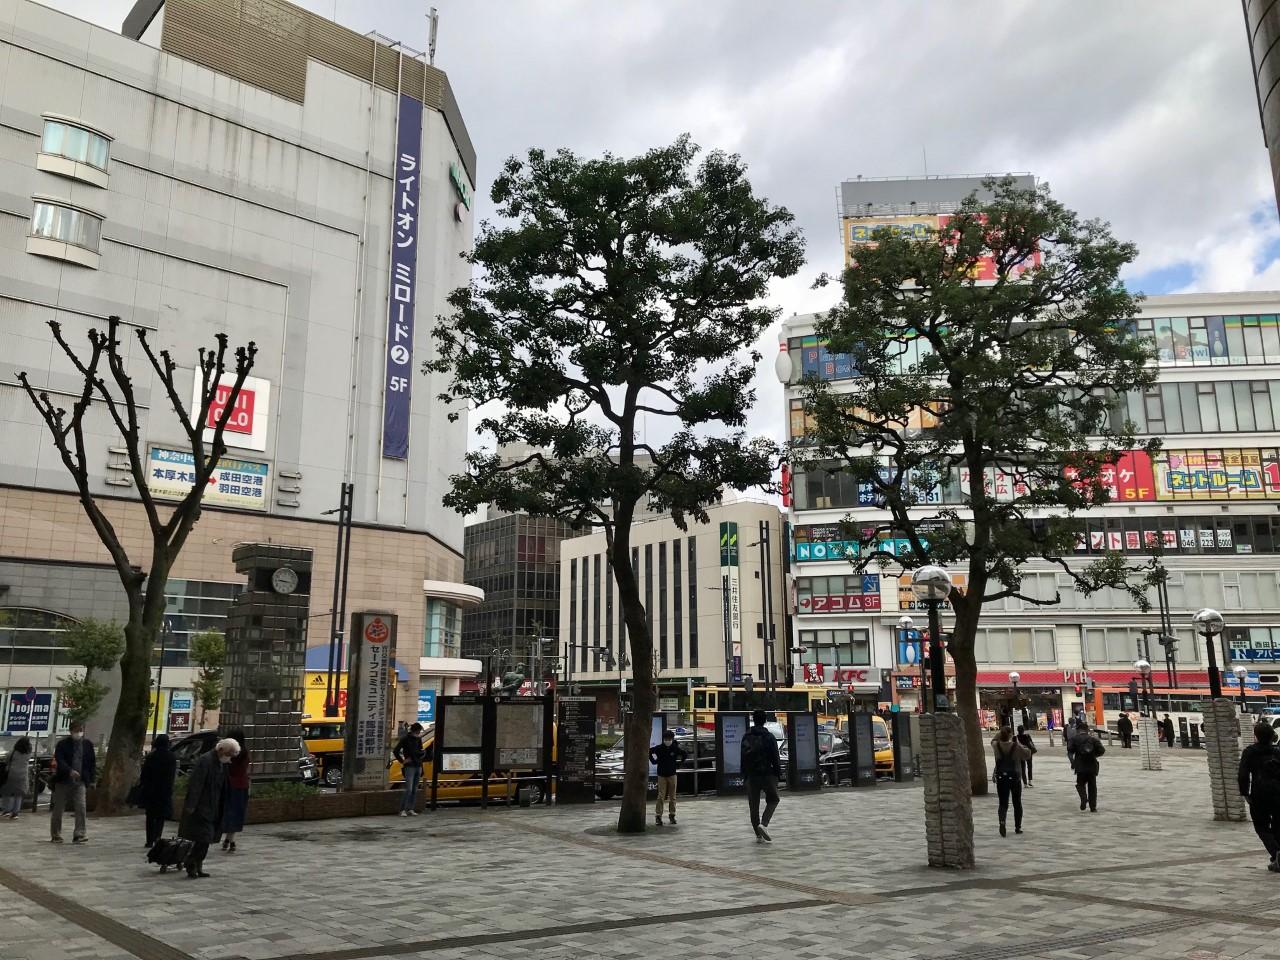 【本厚木駅周辺を歩いてみた】相模川の清流に抱かれたB級グルメの街